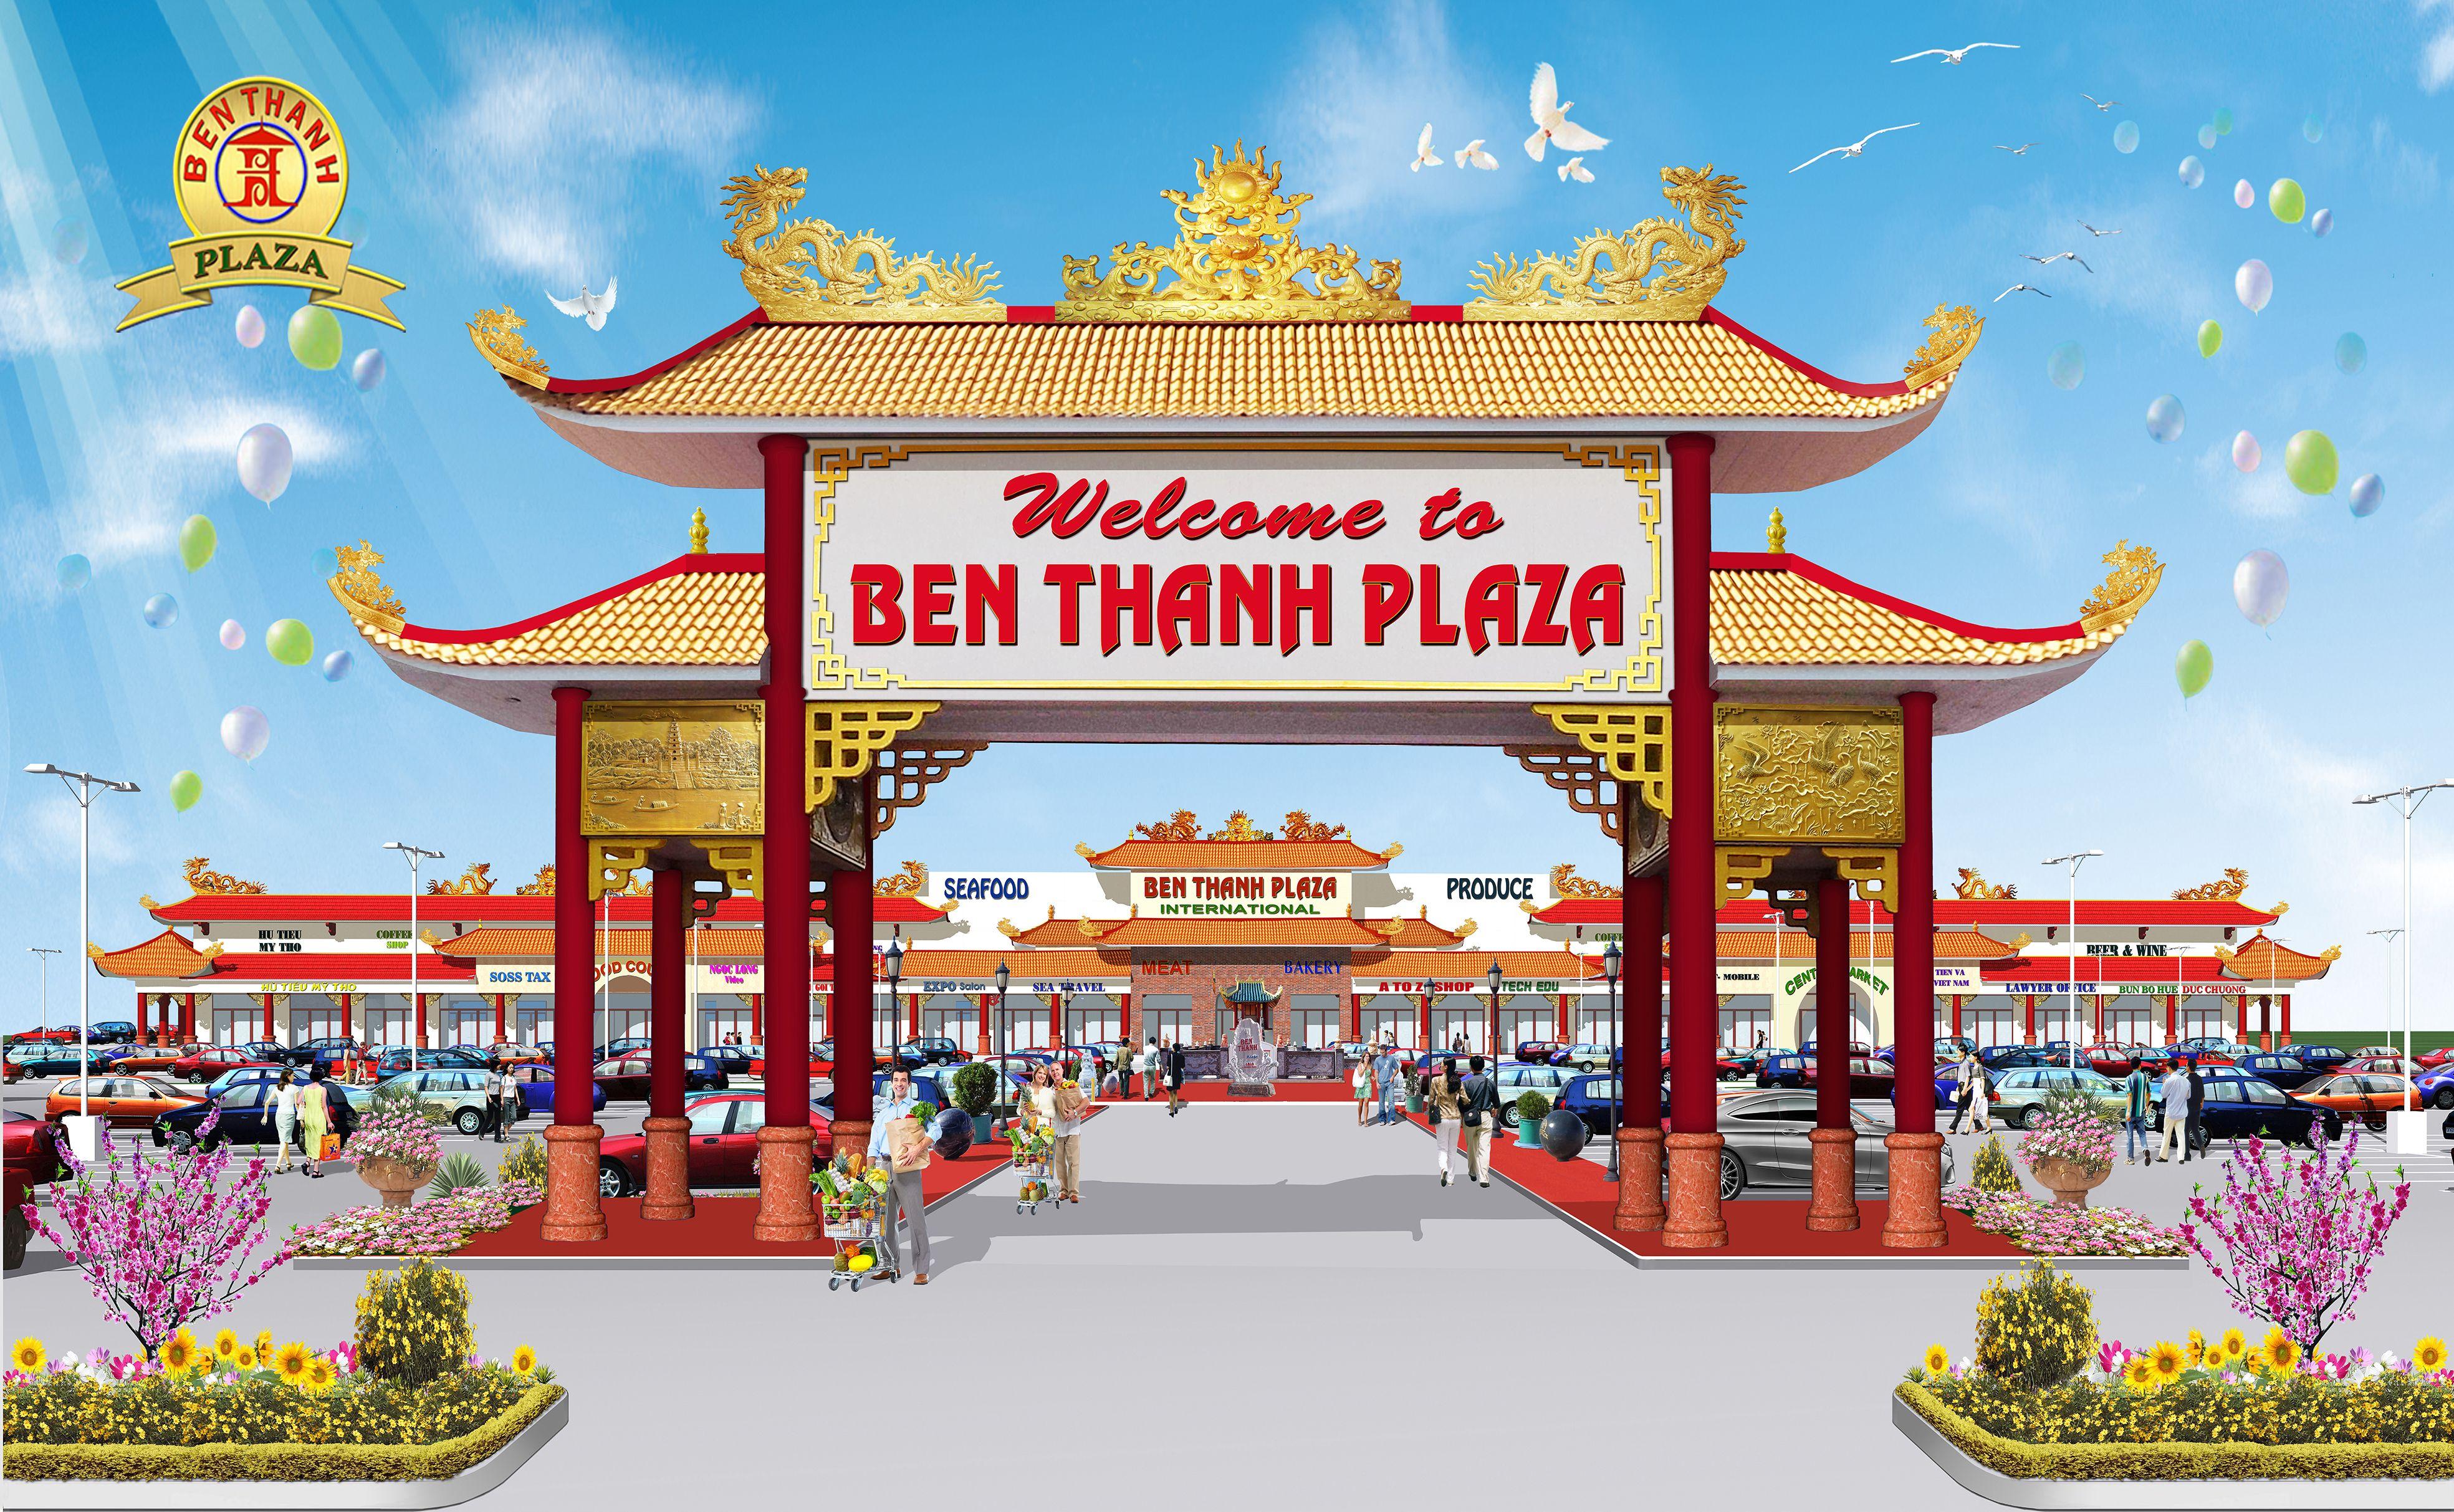 tx Asian markets garland